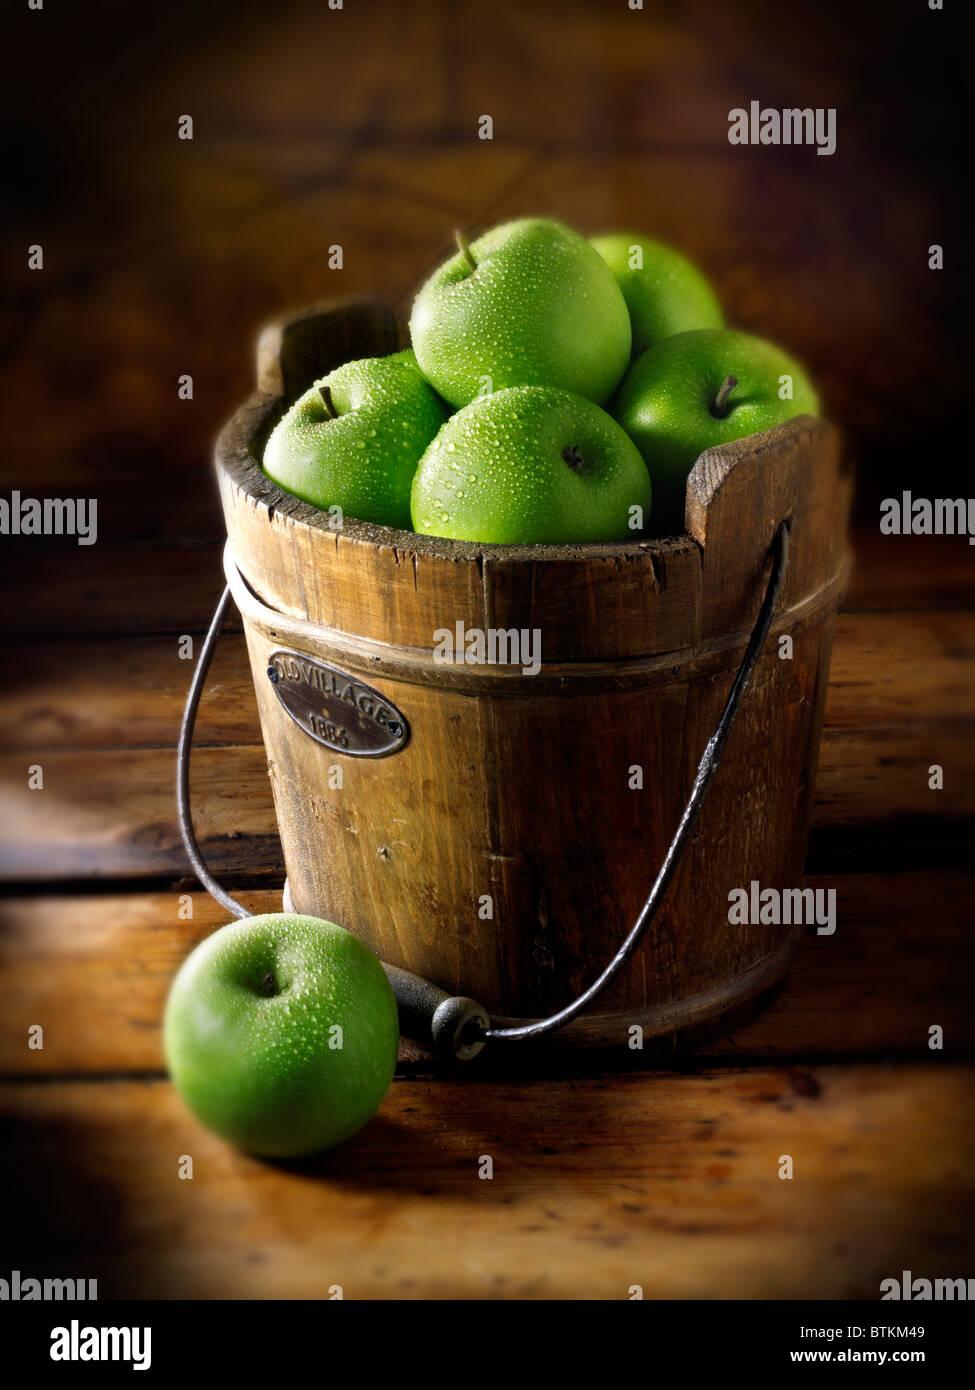 Granny Smith manzanas frescas Imagen De Stock